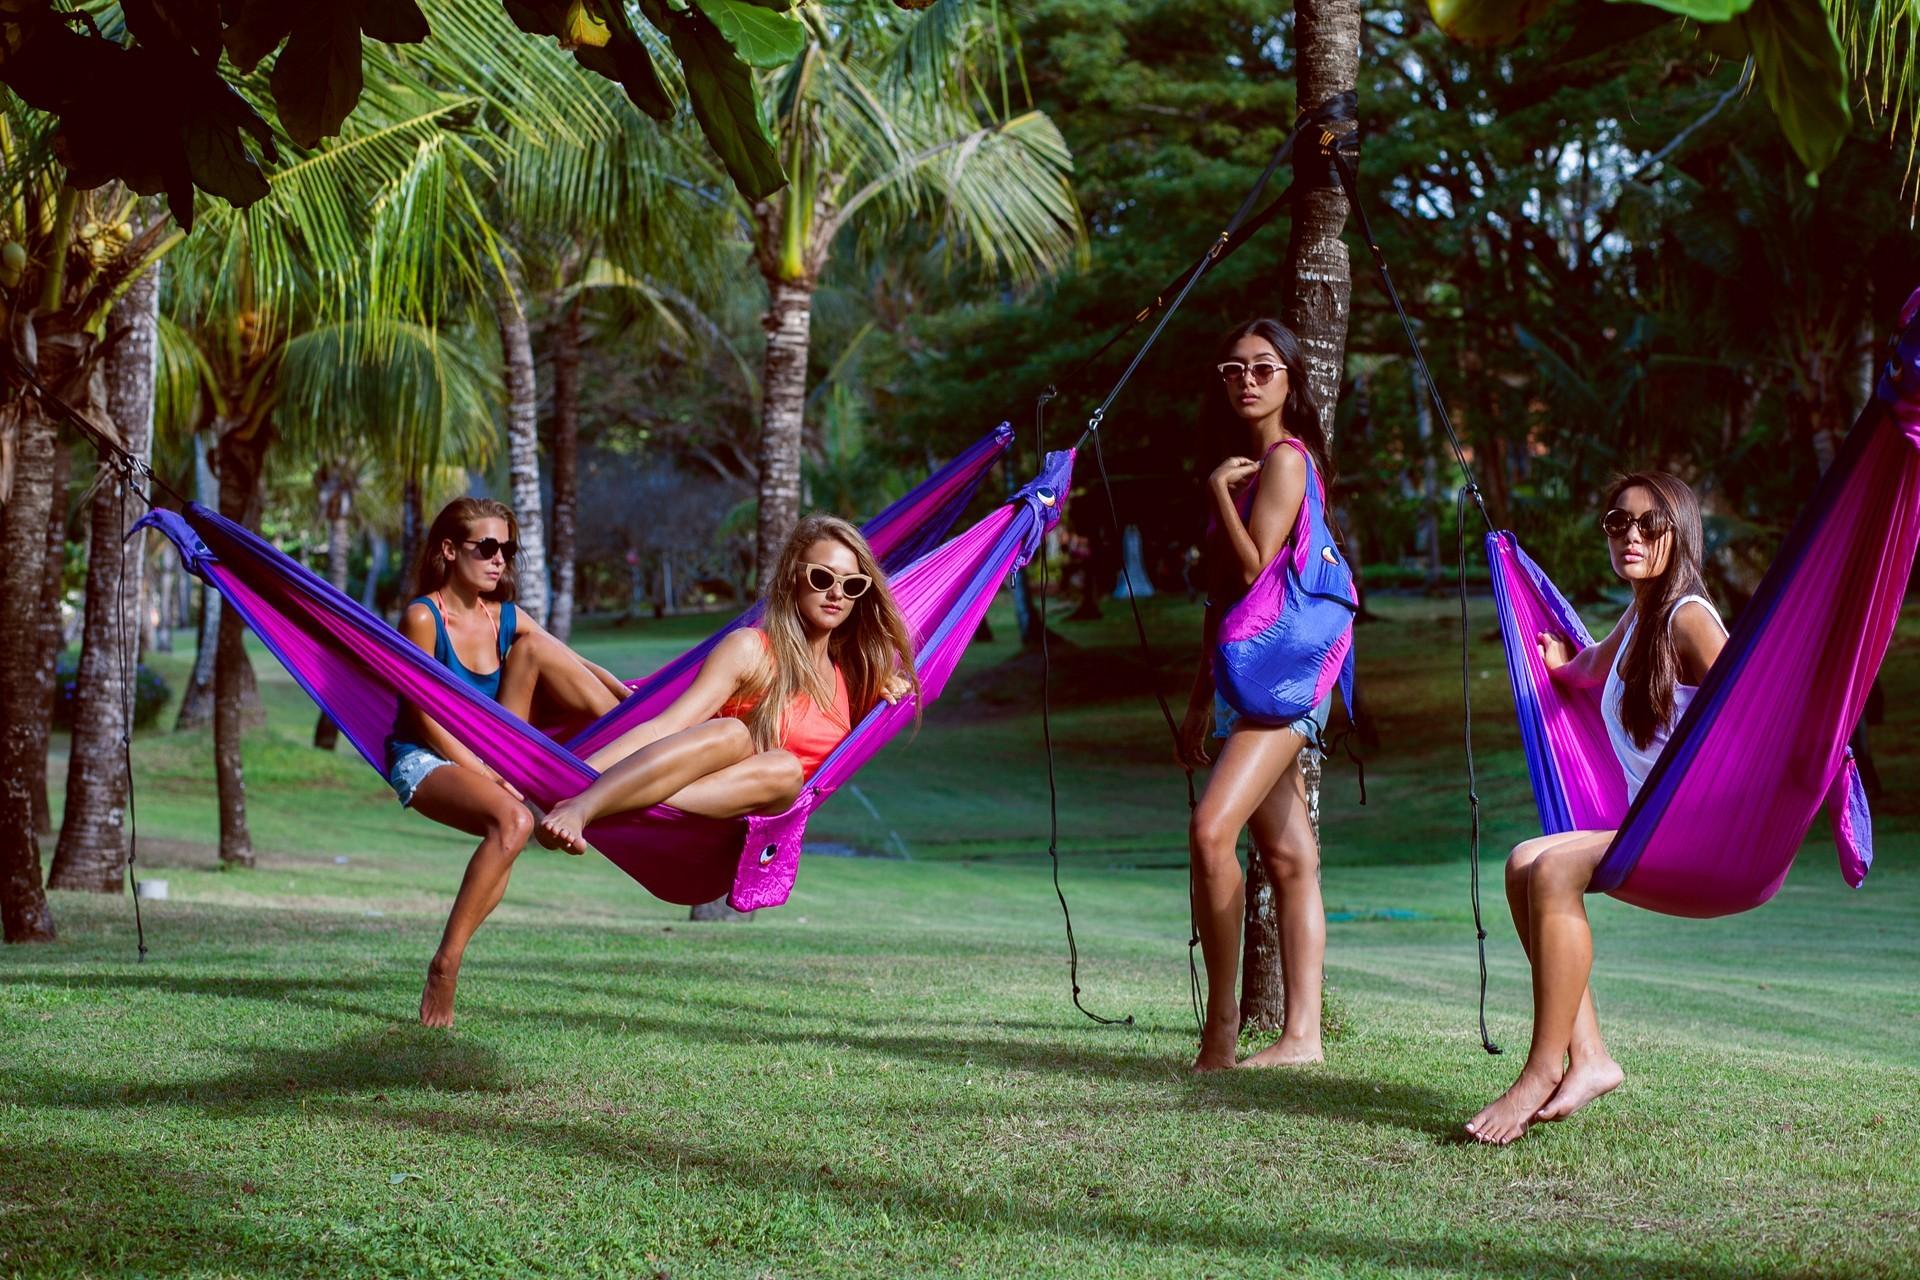 Девушки отдыхают в гамаках.